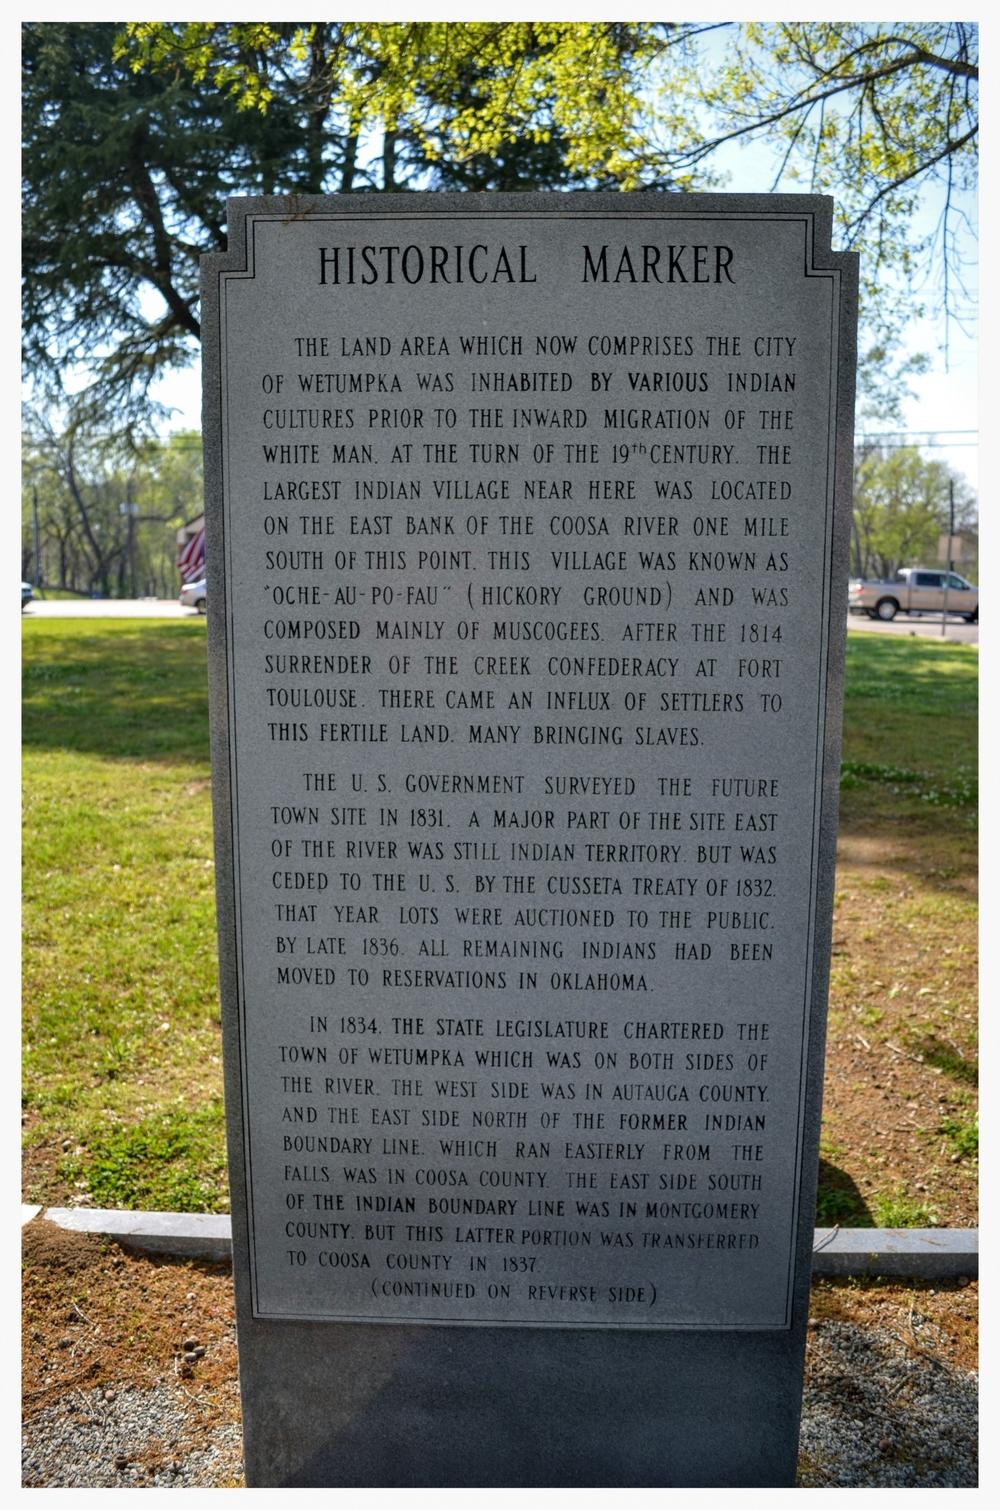 Wetumpka stone historical marker side 1, Wetumpka, Elmore County, Alabama